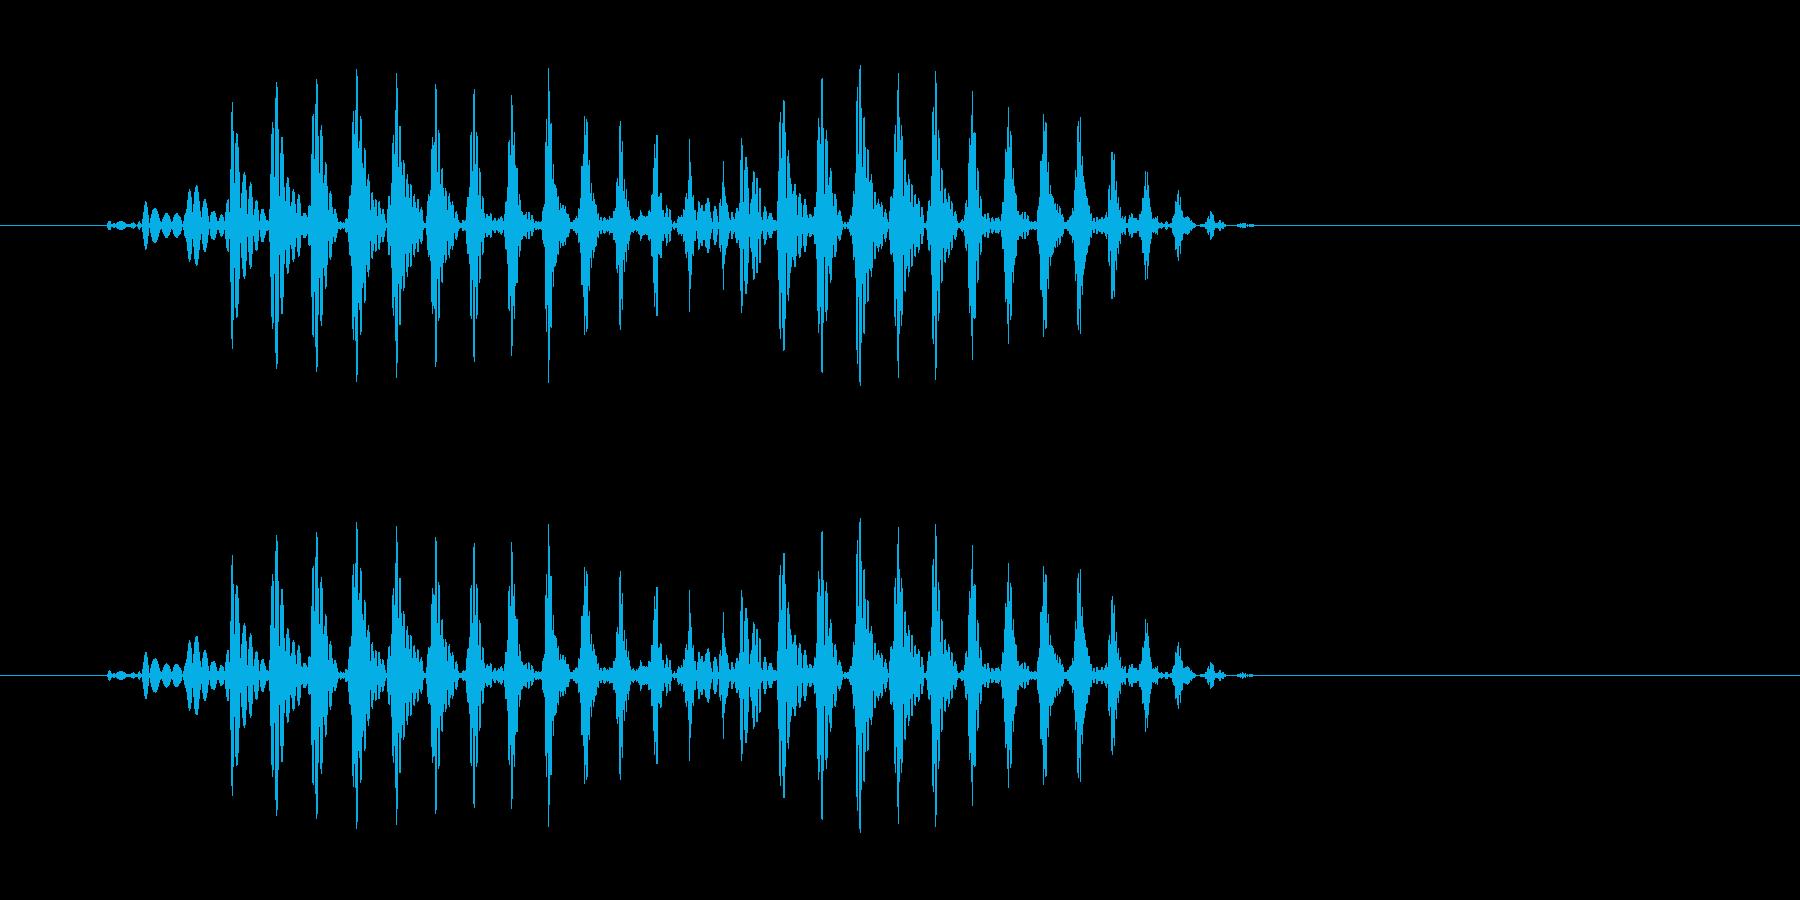 パバ(高速で中音の音)の再生済みの波形